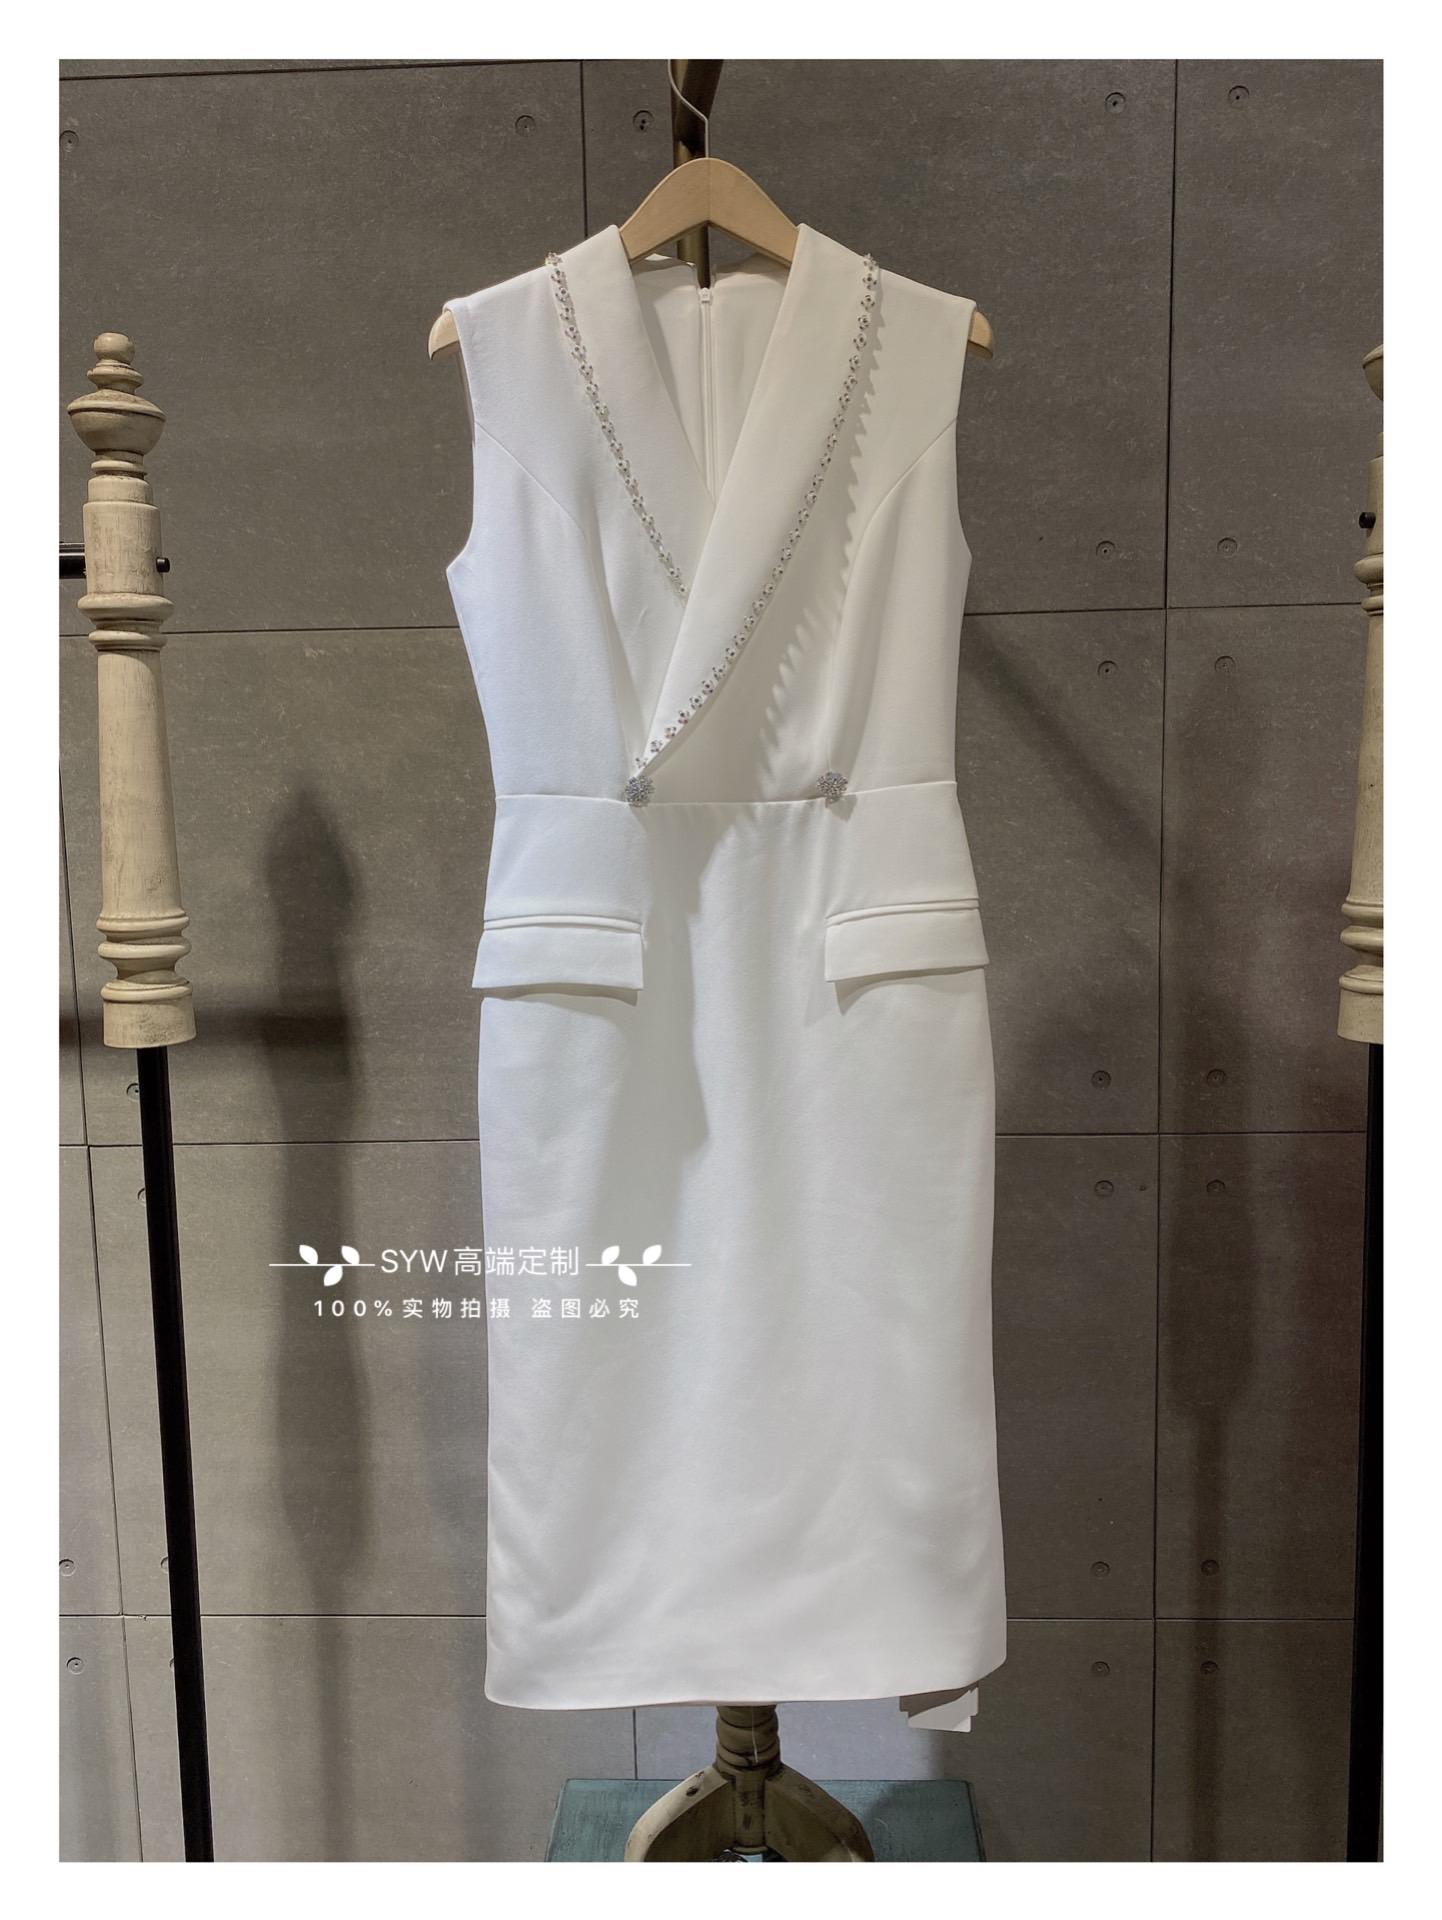 SY家夏季新款连衣裙